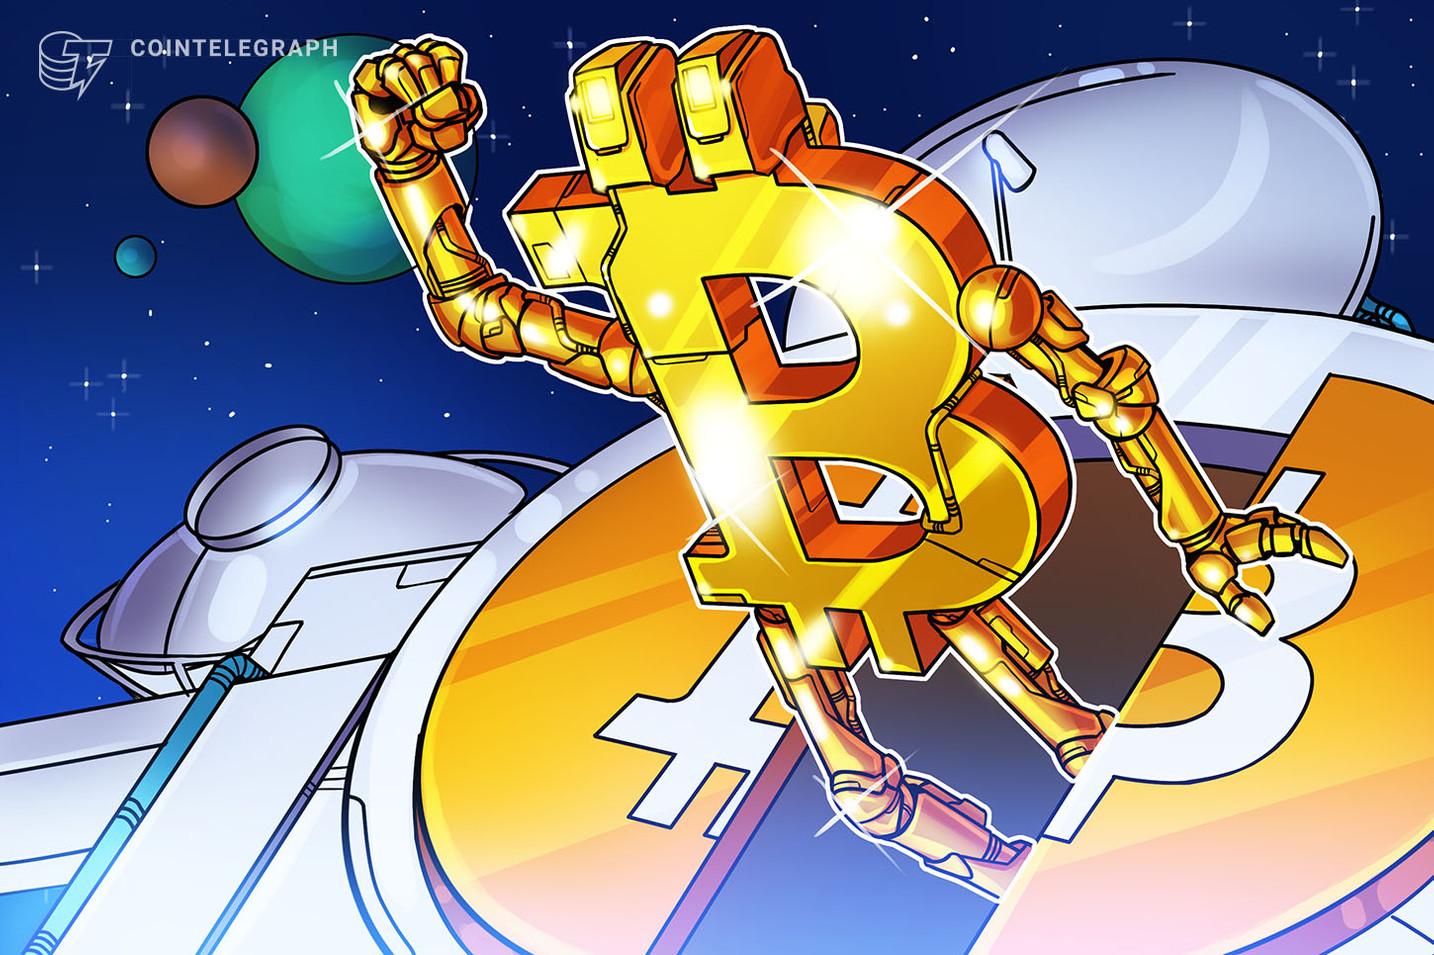 El halving de Bitcoin está casi aquí: ¿Bitcoin irá a la luna?